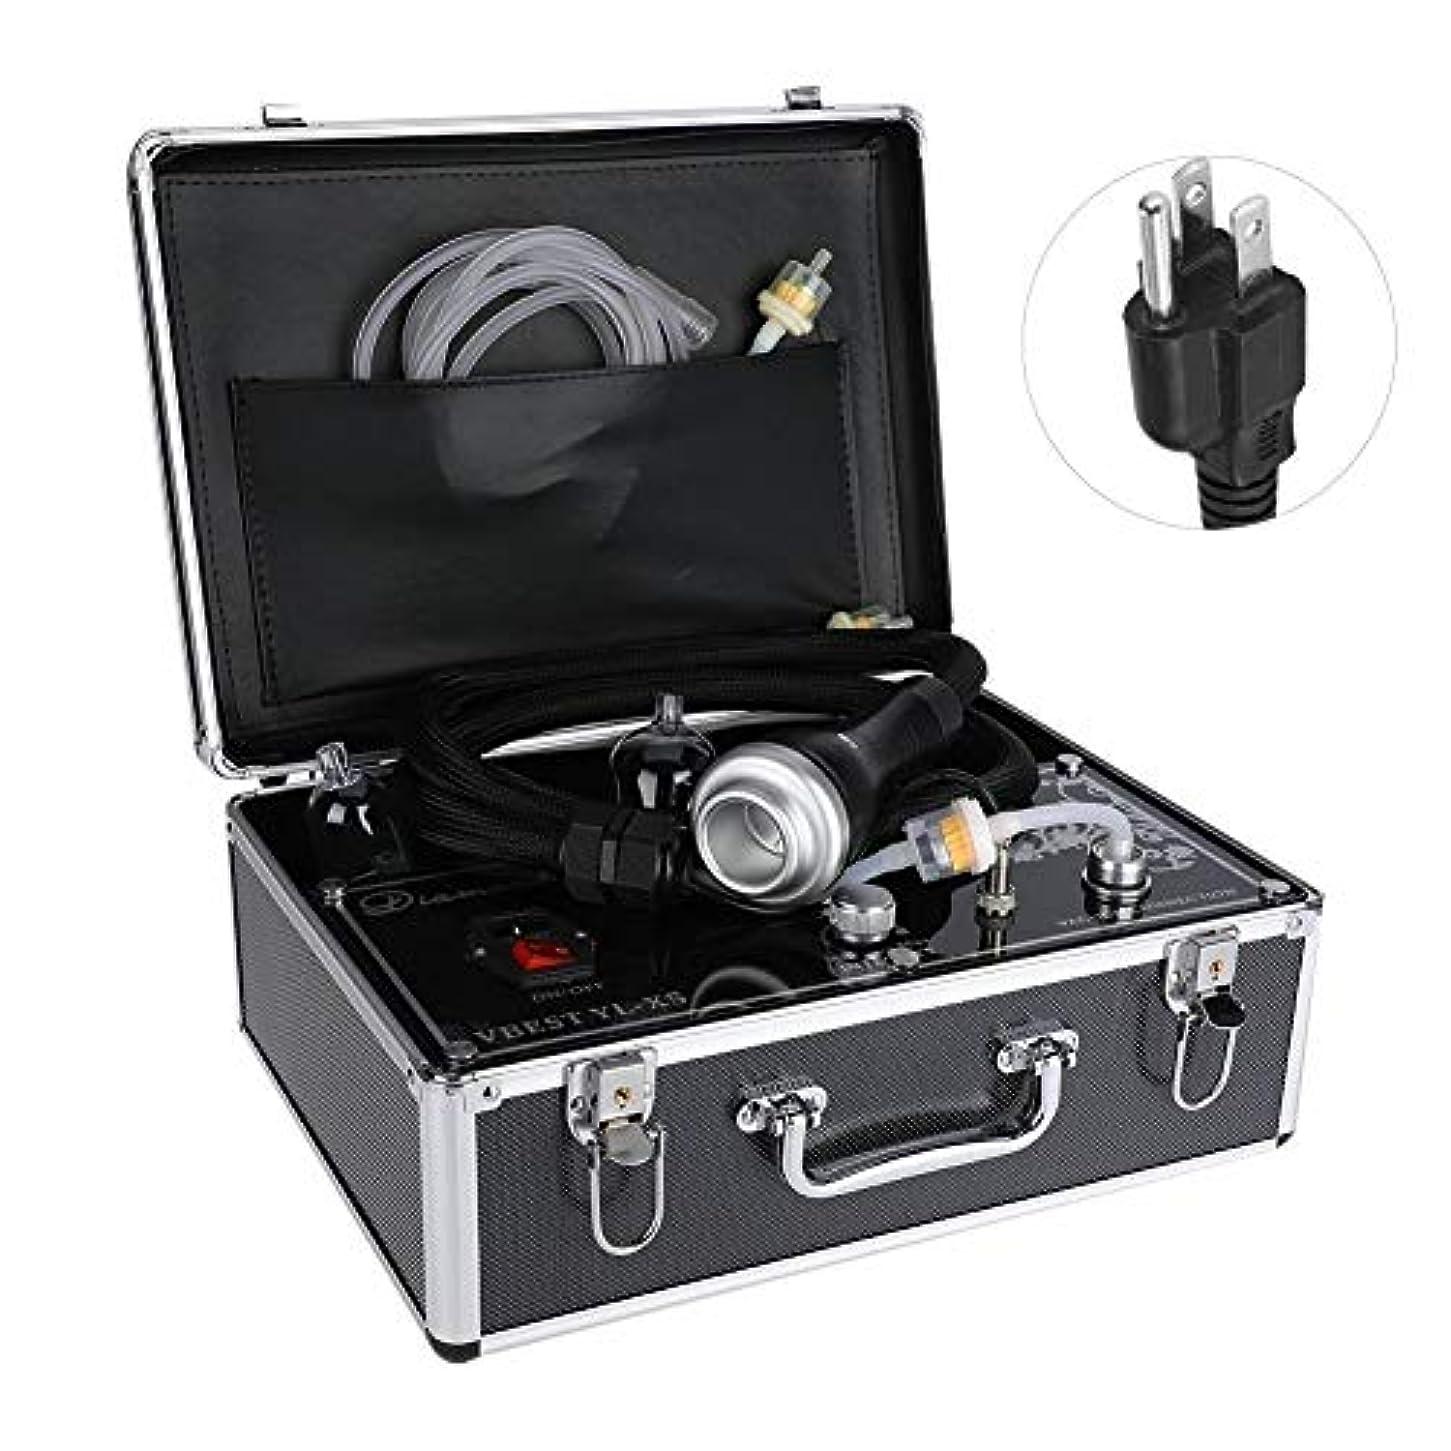 保証する会社キャベツ否定的な圧力マッサージャー、ボディ解毒の浚渫の痛みのための熱い圧縮のこするカッピング療法の電気マッサージャー(US Plug)